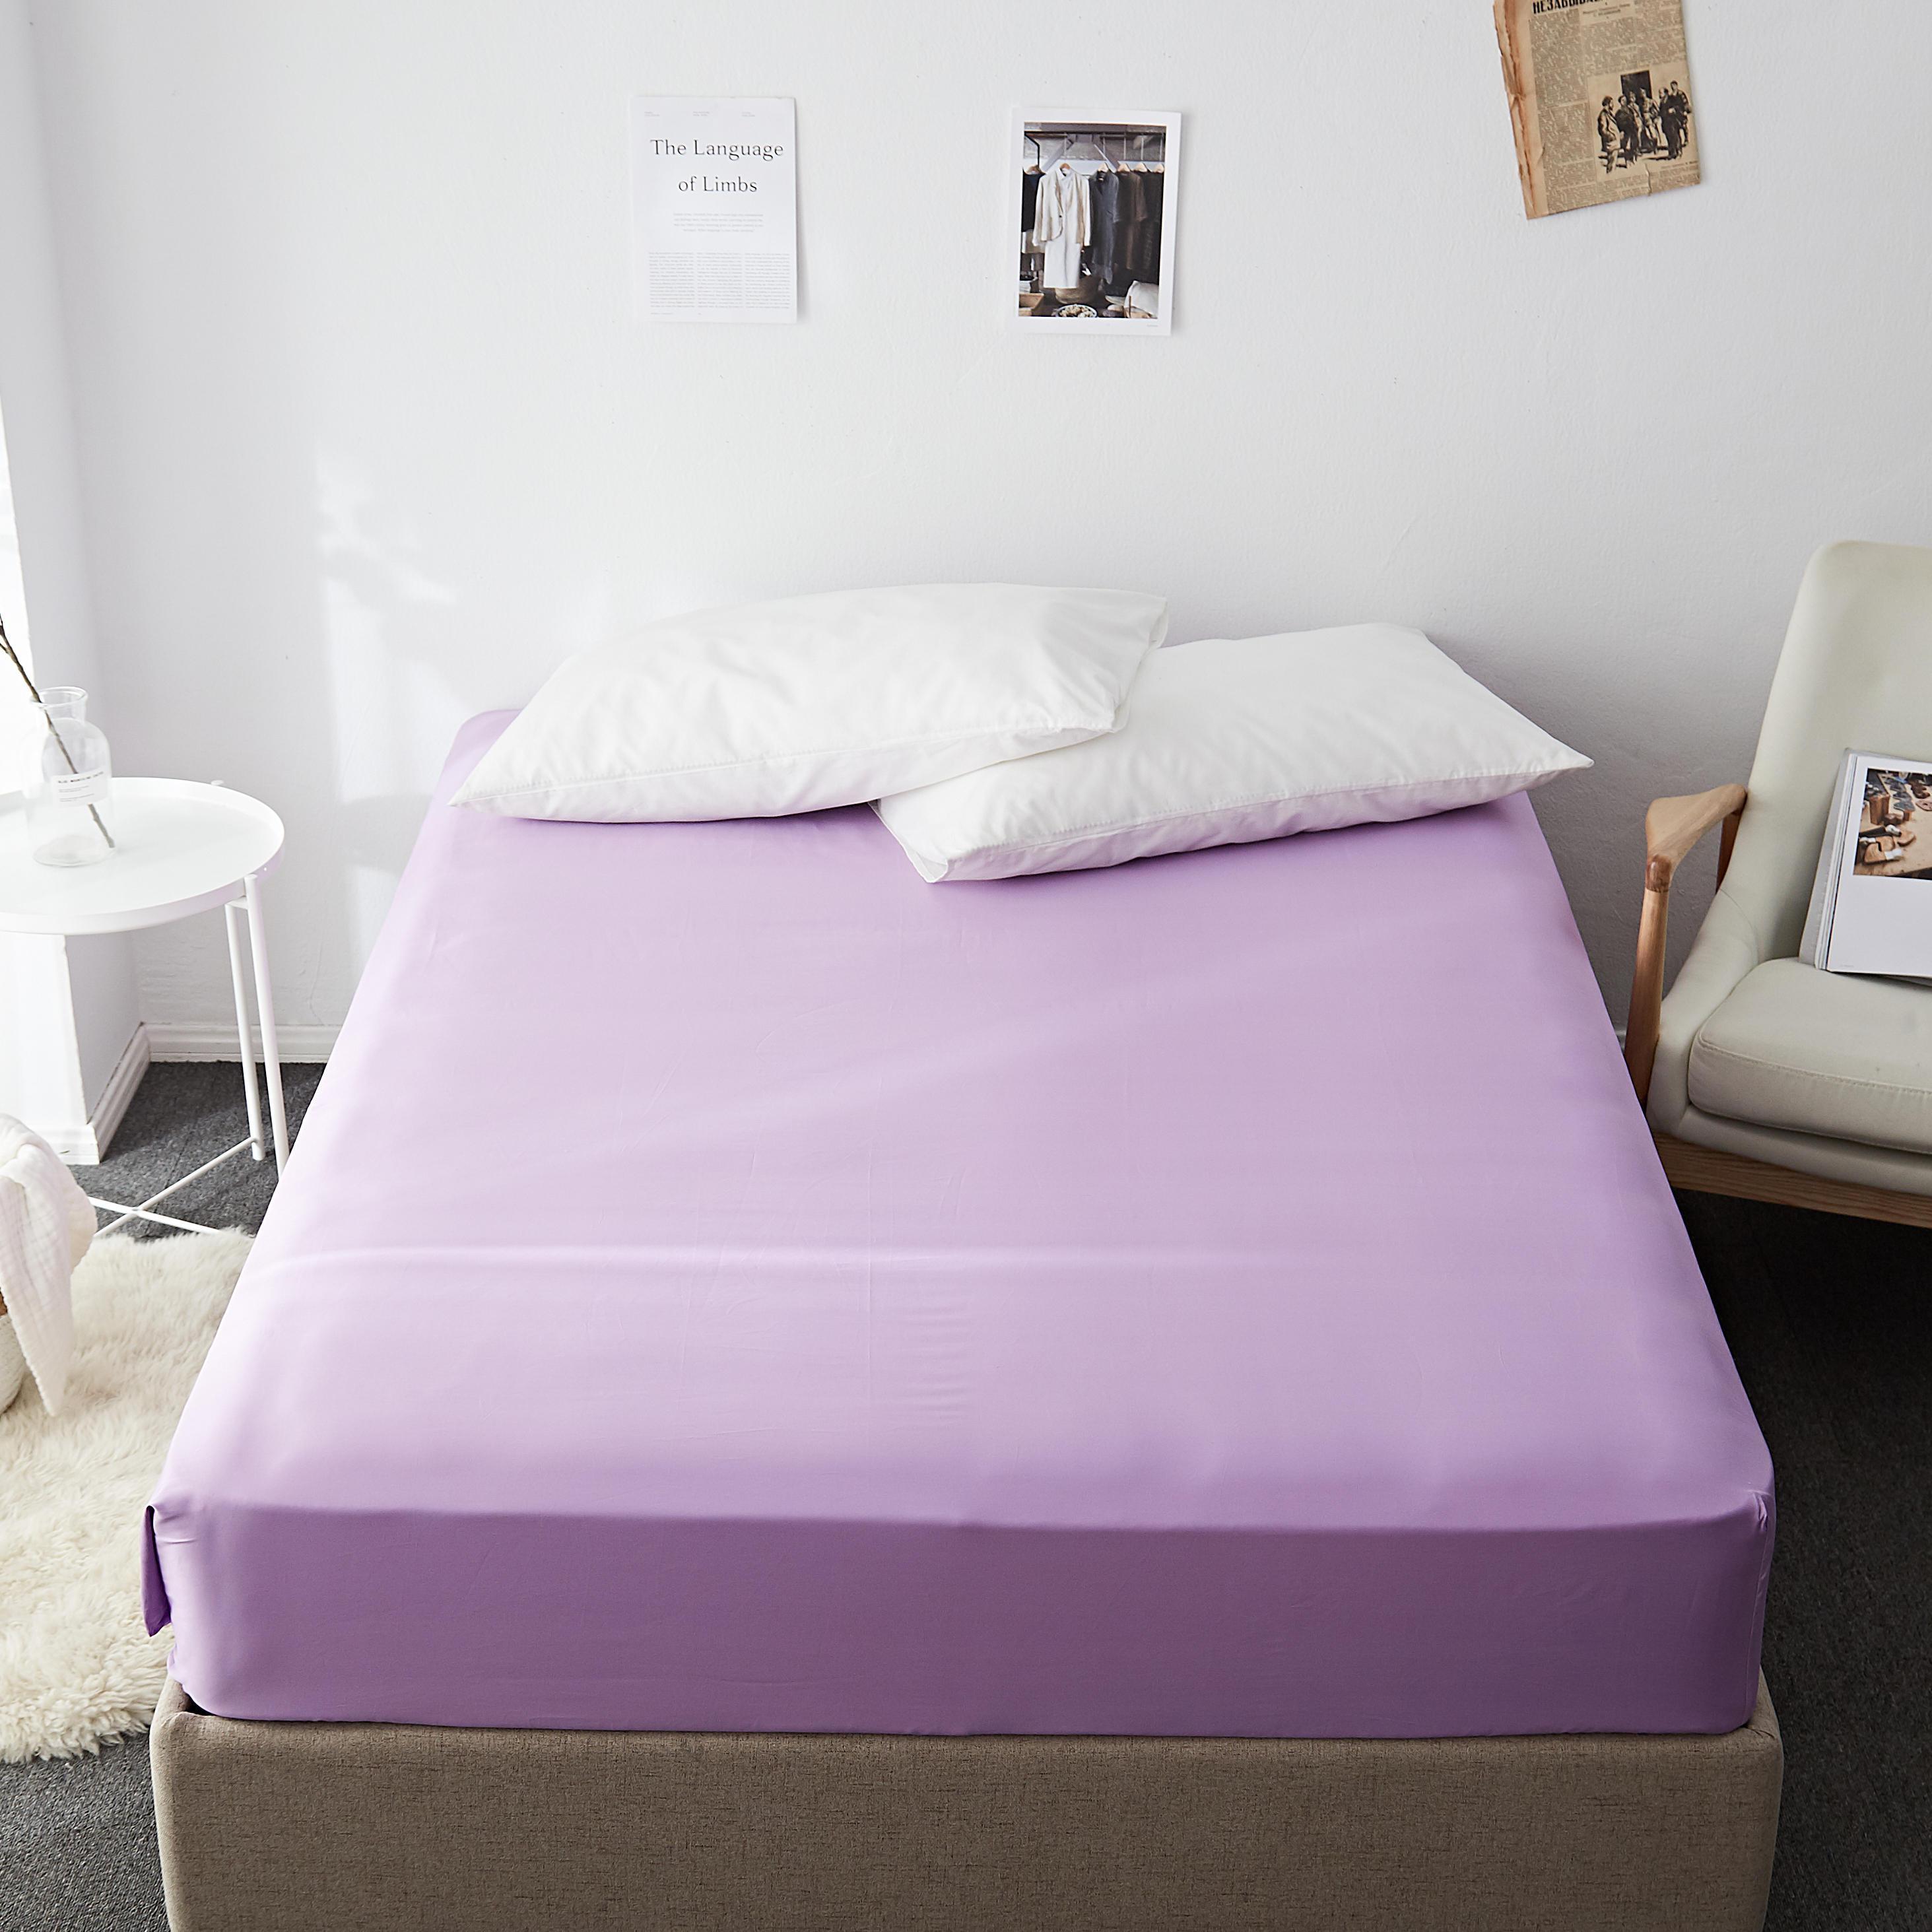 ملاءة سرير من القطن الناعم والمخمل ، طويلة التيلة 60 ثانية ، مقاومة للتجاعيد ، بلون أرجواني عادي